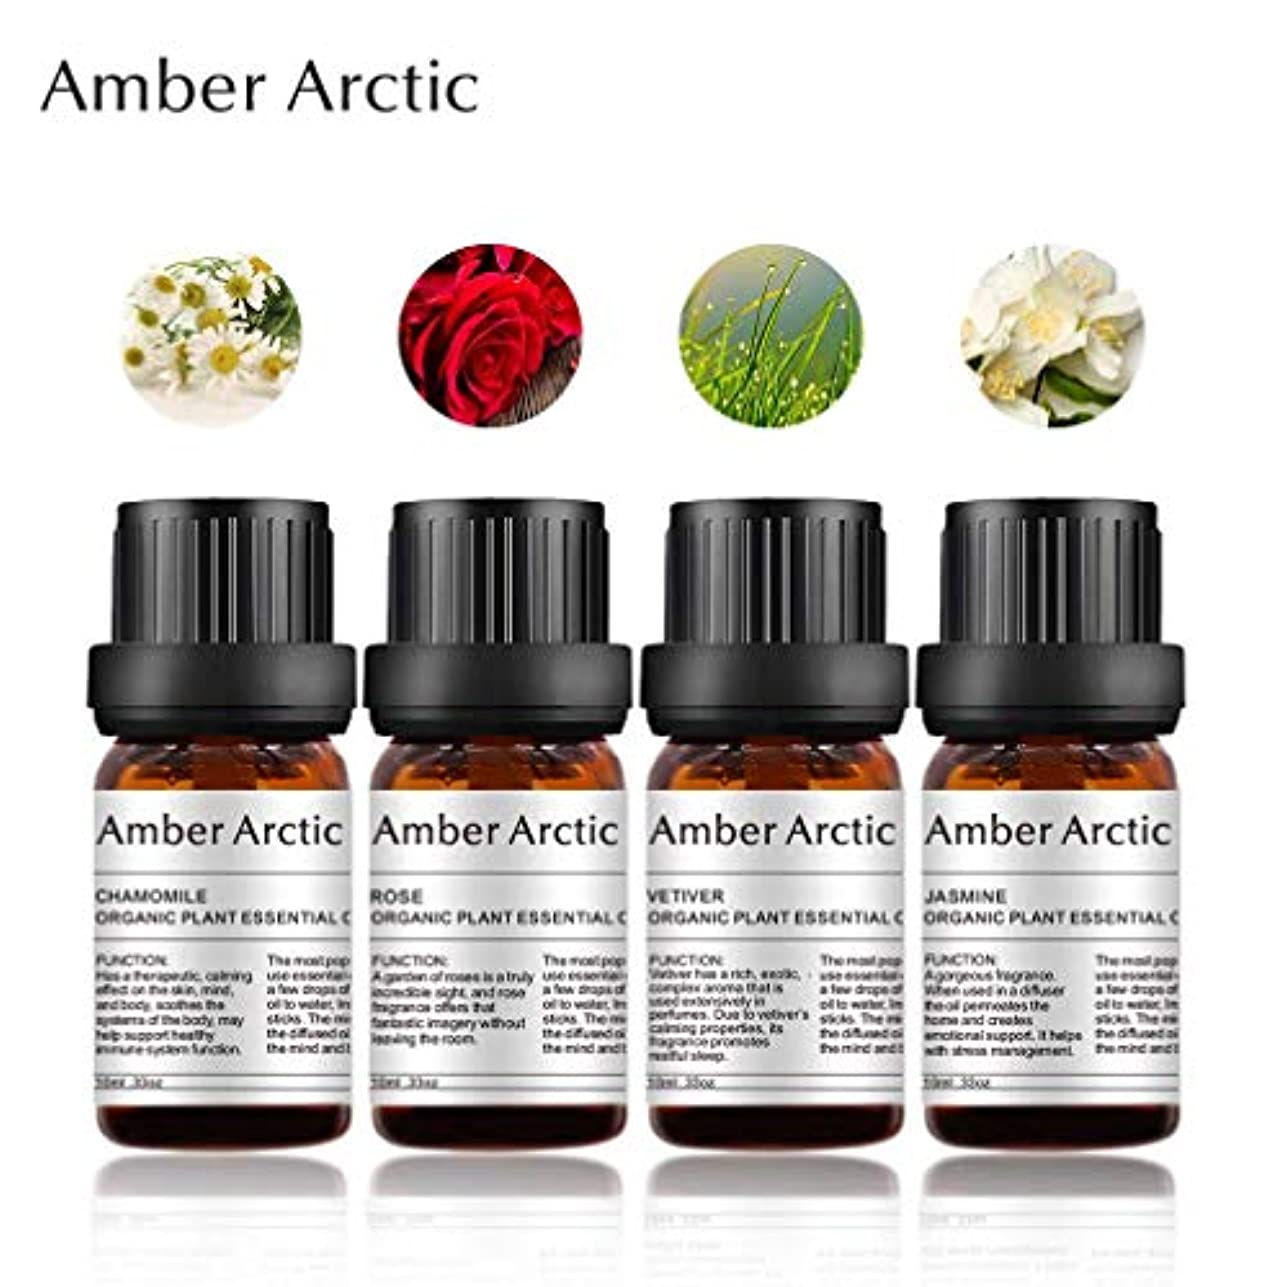 テント収入ハプニングAmber Arctic 4 パック 精油 セット、 100% 純粋 天然 アロマ 最良 治療 グレード エッセンシャル オイル (ジャスミン、 ベチバー、 ローズ、 カモミール)